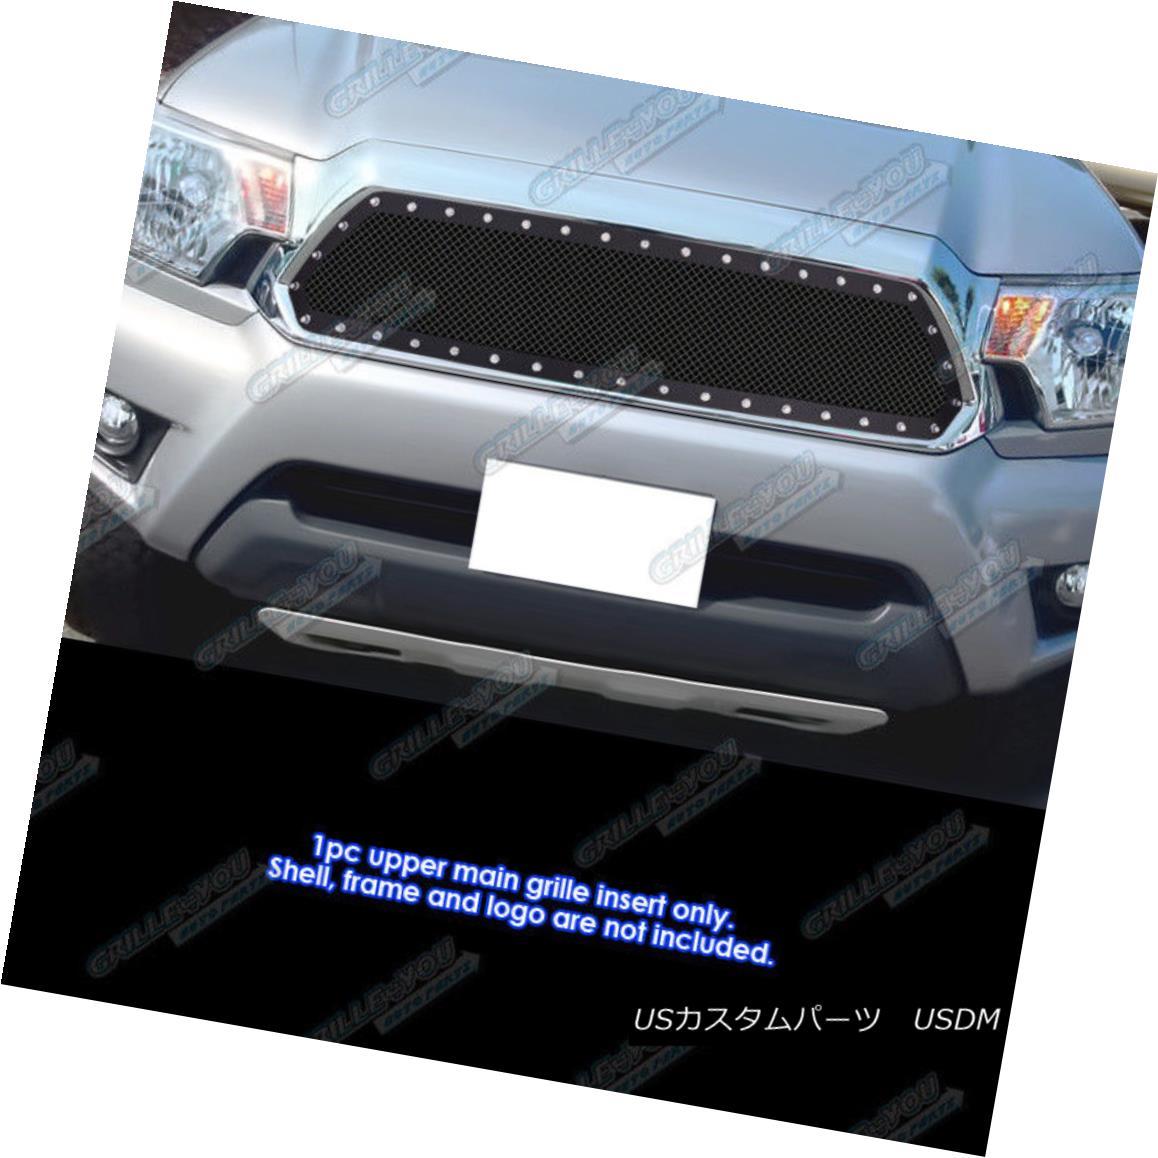 グリル Fits 2012-2015 Toyota Tacoma Stainless Steel Black Rivet Mesh Grille Insert フィット2012-2015トヨタタコマステンレススチールブラックリベットメッシュグリルインサート